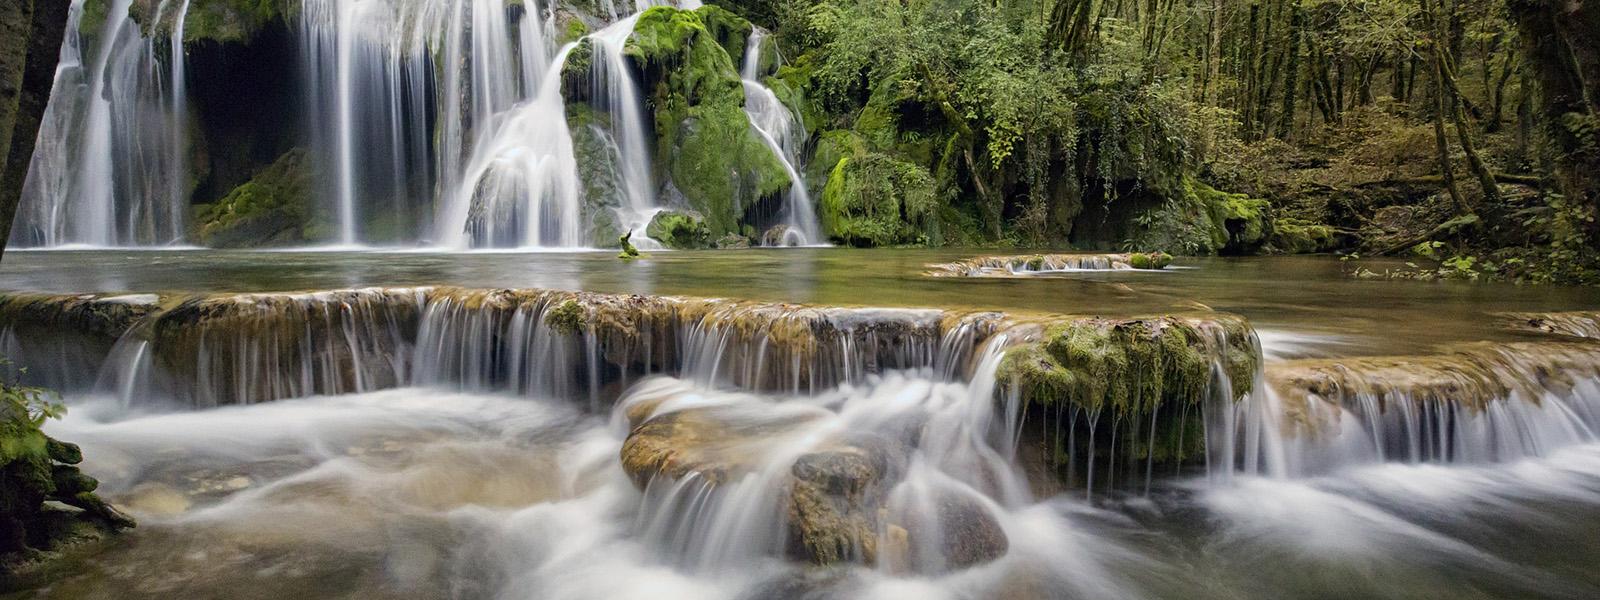 Vacances en Groupe - Village Vacances Neige & Plein Air